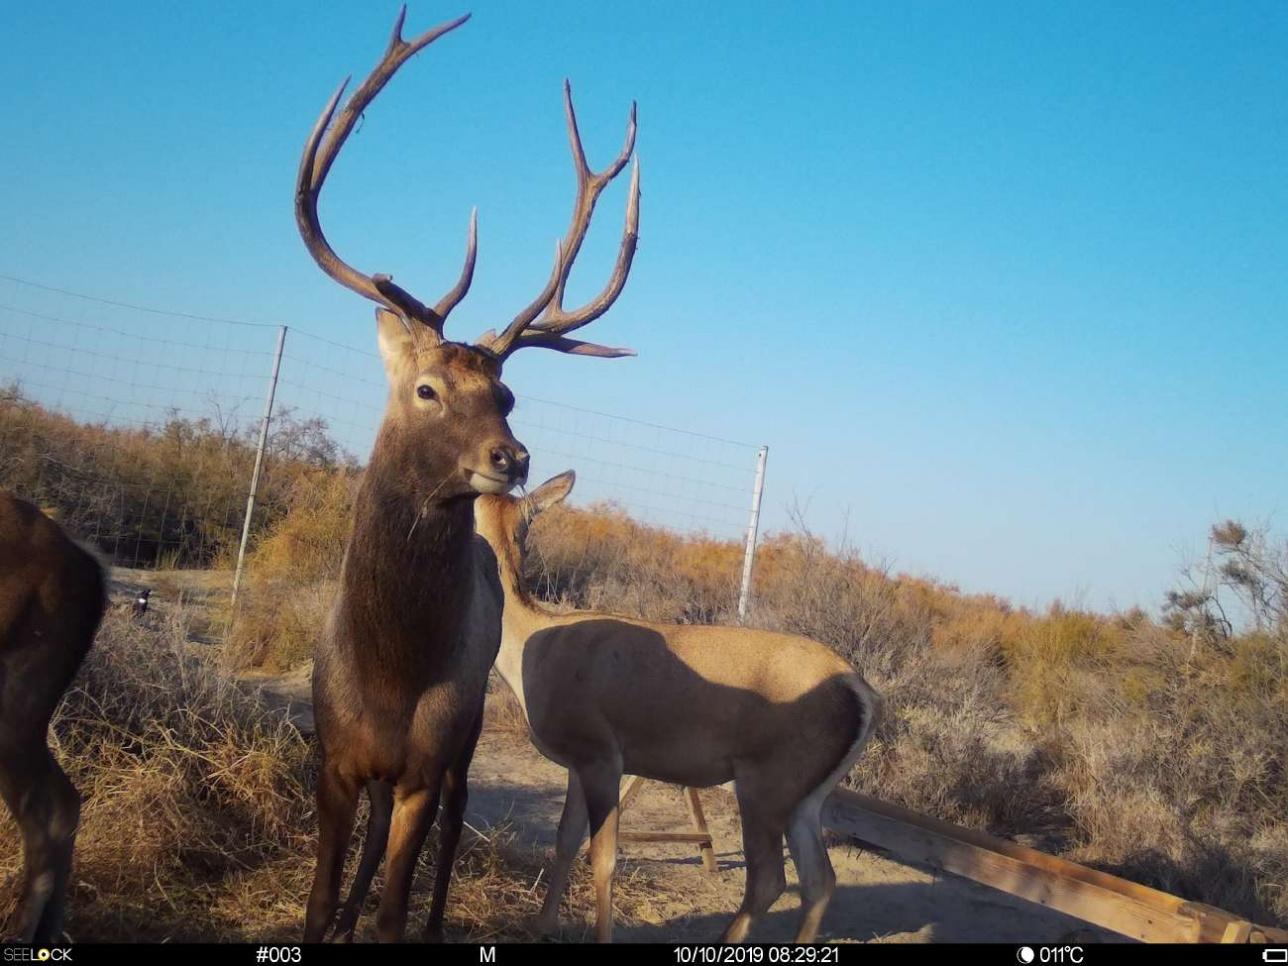 Тугайный (бухарский) олень в адаптационном вольере на территории резервата